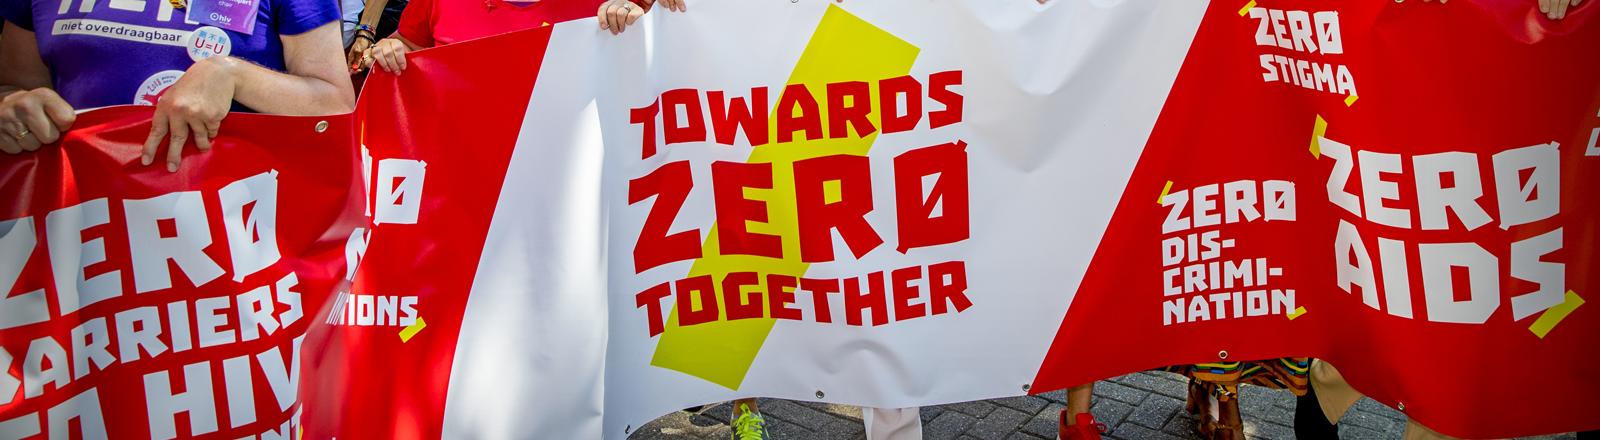 """Auf einem Protestmarsch in Amsterdam anlässlich der Weltaidskonferenz tragen Protestierende ein rot-weißes Banner auf dem """"Towards Zero Together"""" steht."""